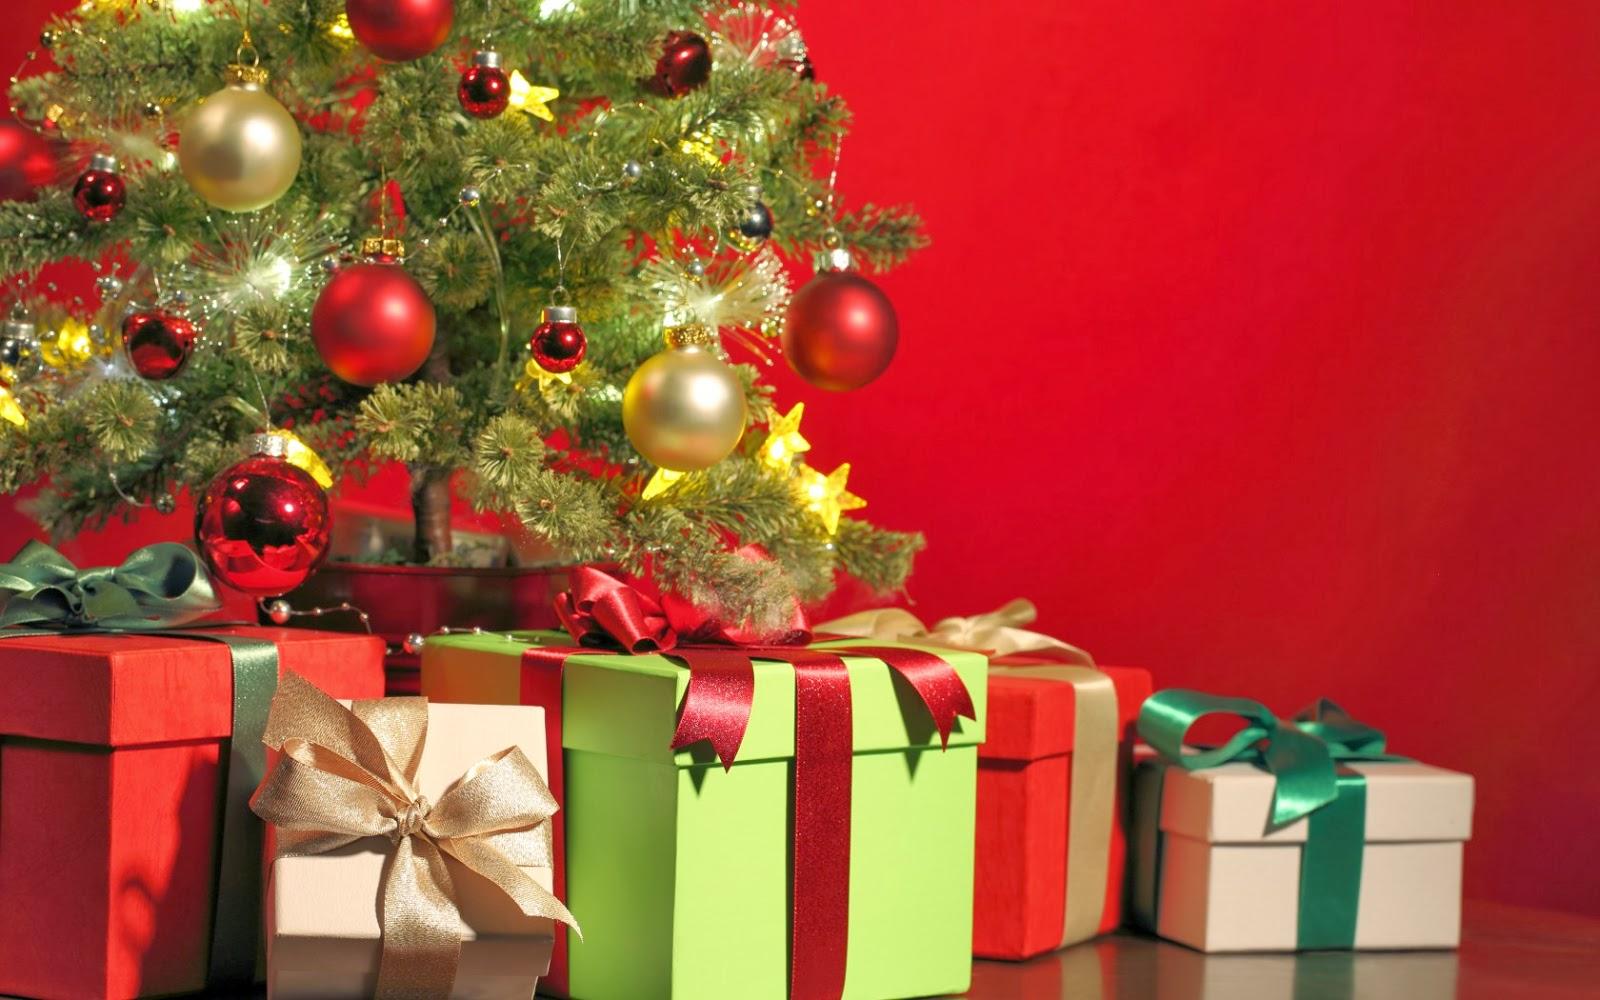 Đón Giáng Sinh 2016 với bộ quà tặng độc và lạ 1